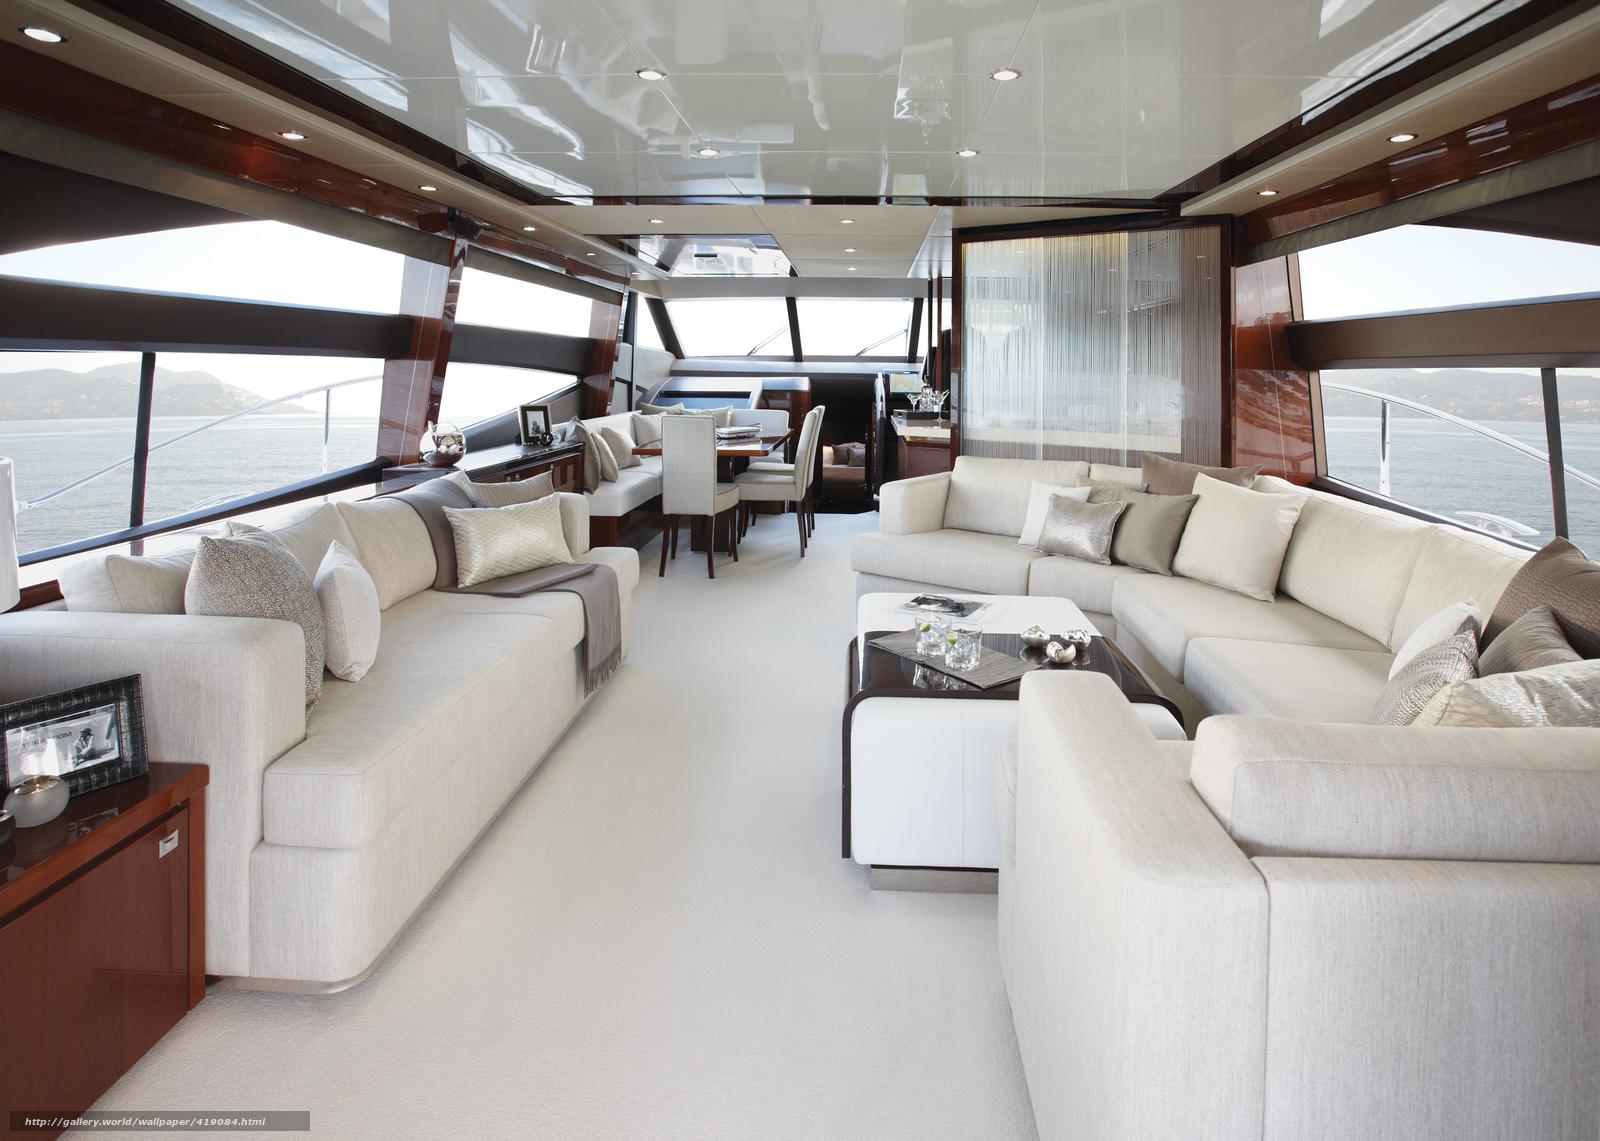 Yachten von innen  Download Hintergrund Innen-, Stil, Design, Yacht Freie desktop ...